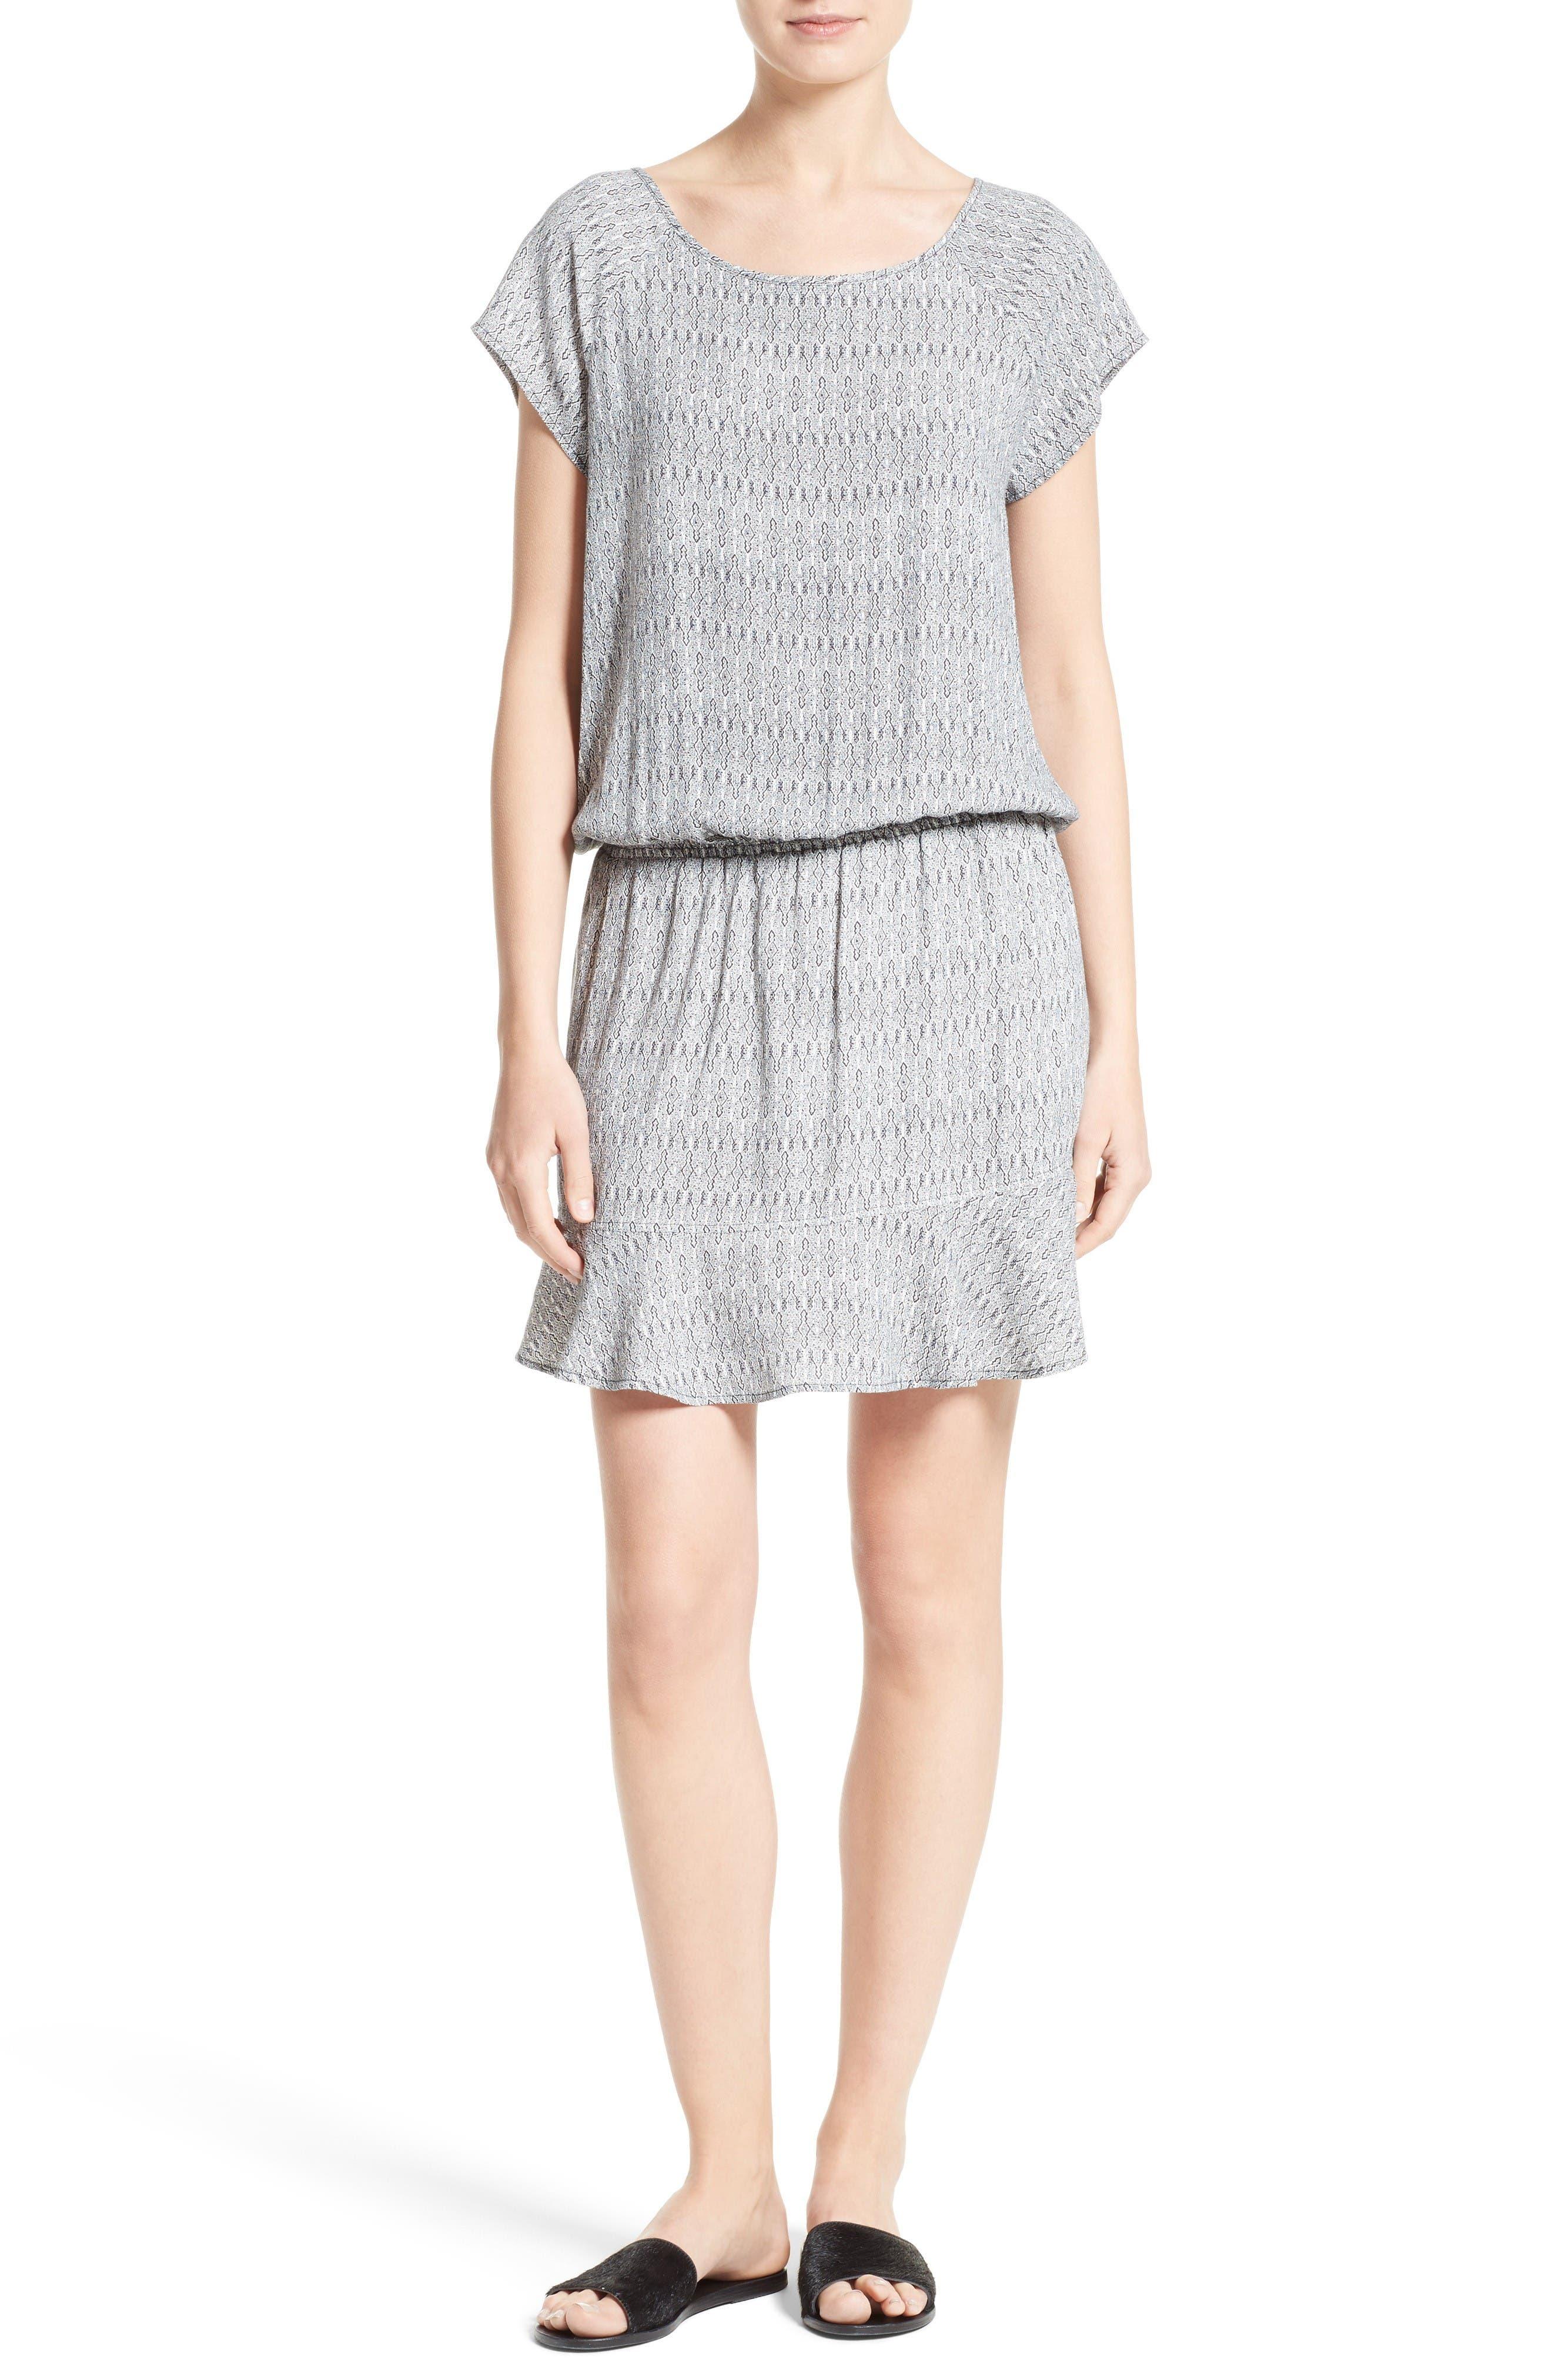 Alternate Image 1 Selected - Soft Joie Quora Blouson Dress